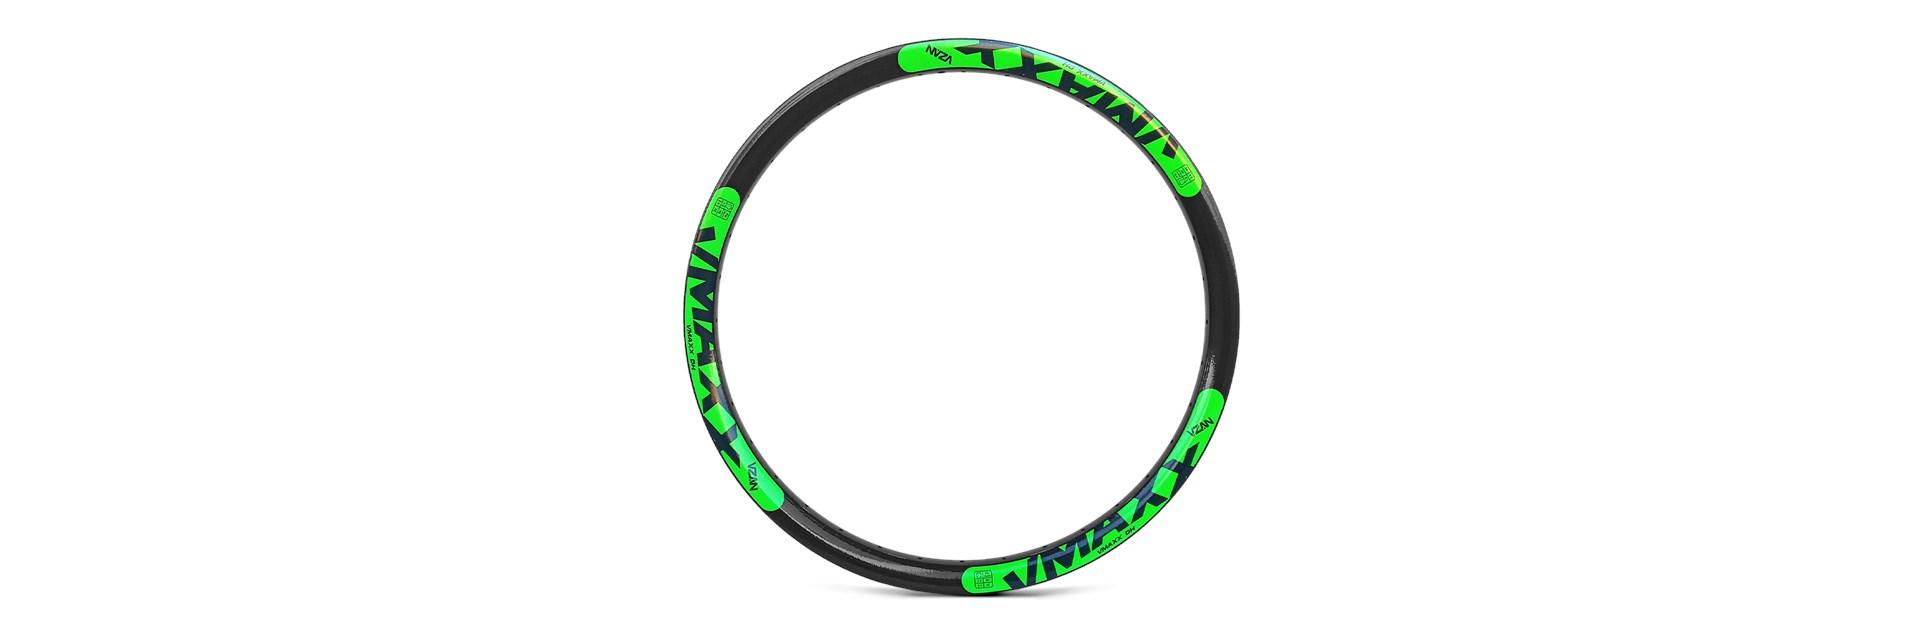 Aro Vmaxx Lt 26/36F Preto Disc - Ad Verde Neon